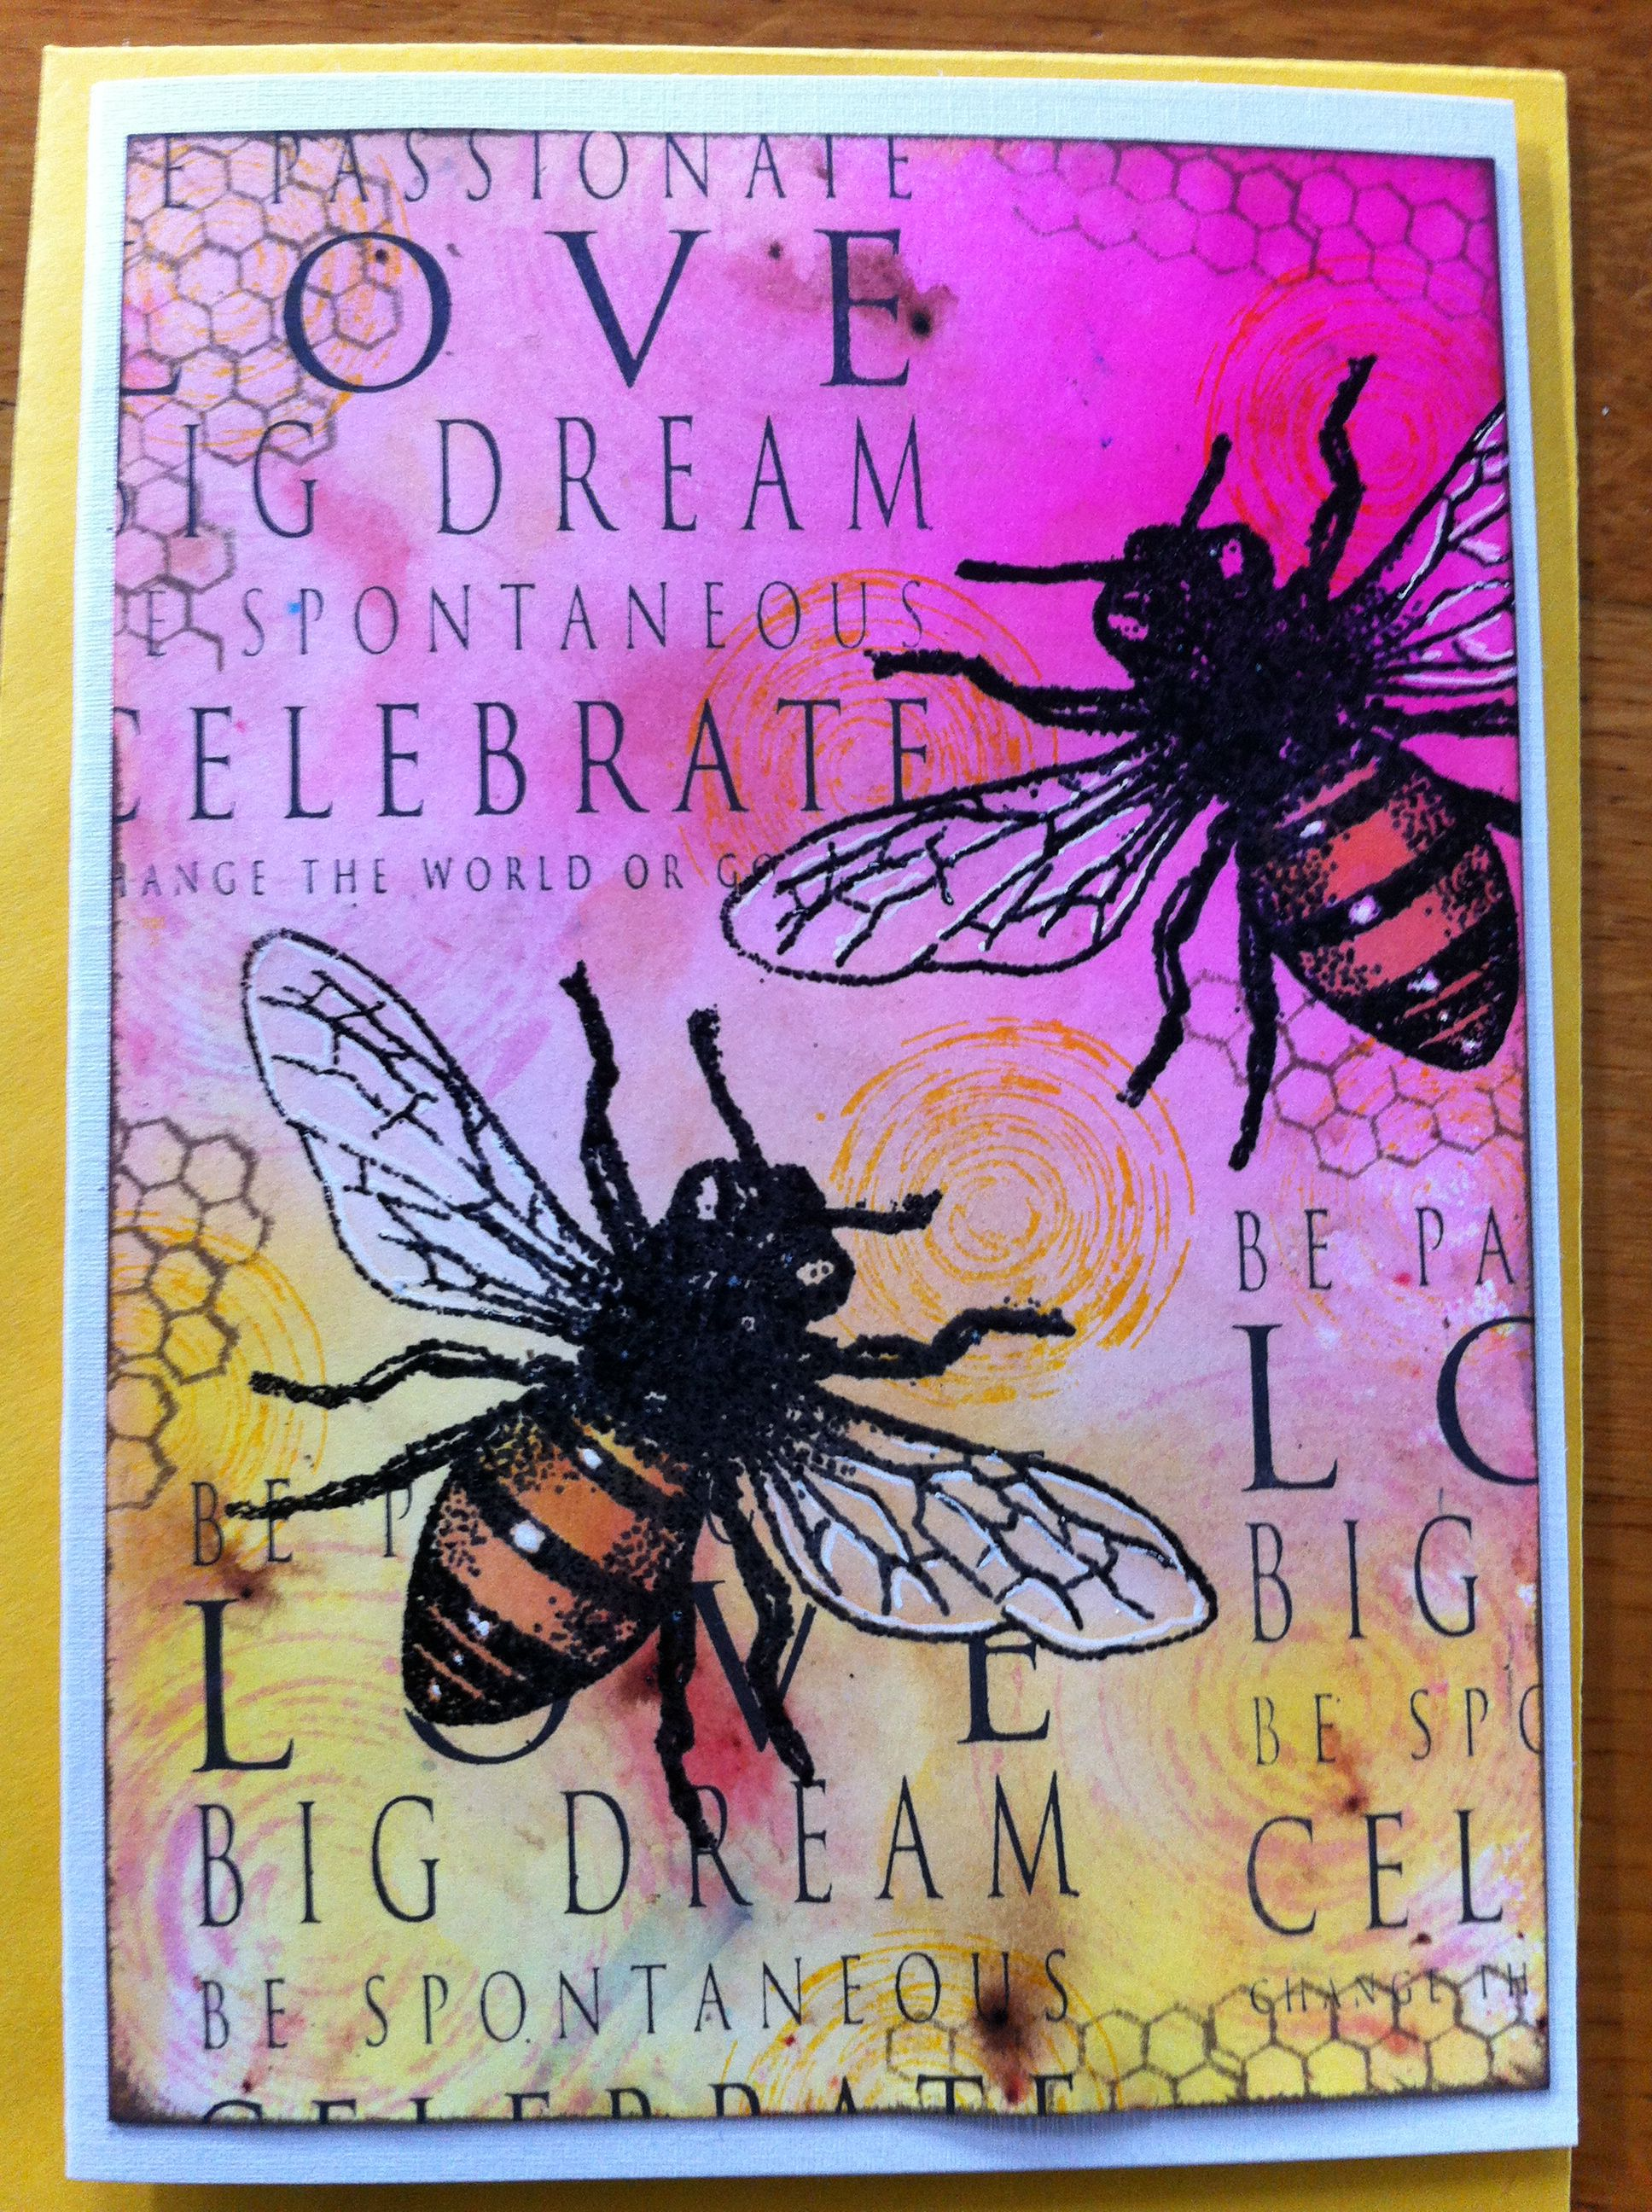 Spray inkt met bister als onderlaag. Daarna bijen met versamark en geembost met zwarte inkt. De bijen met bleek wat lichter gemaakt. Achterlijf gekleurd. Bijen gemaskerd, daarna gestempeld met tekst, cirkels en honingraat. Met witte gelpen vleugels geaccentueerd, en randen met zwart gesponst.